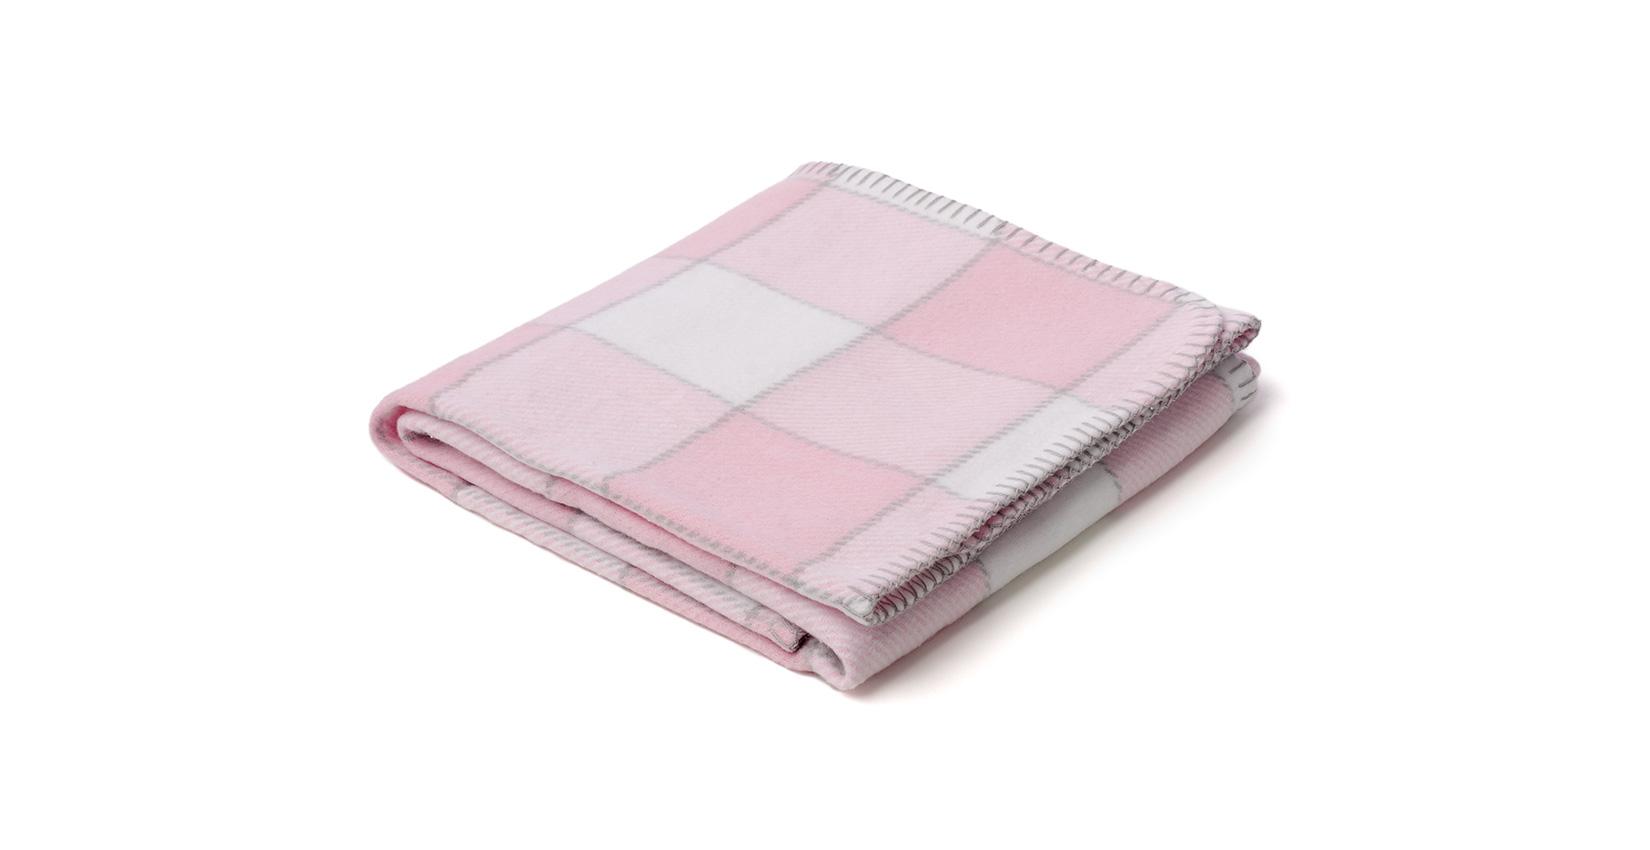 Baby blankets, cobertores bebé - Vanessa